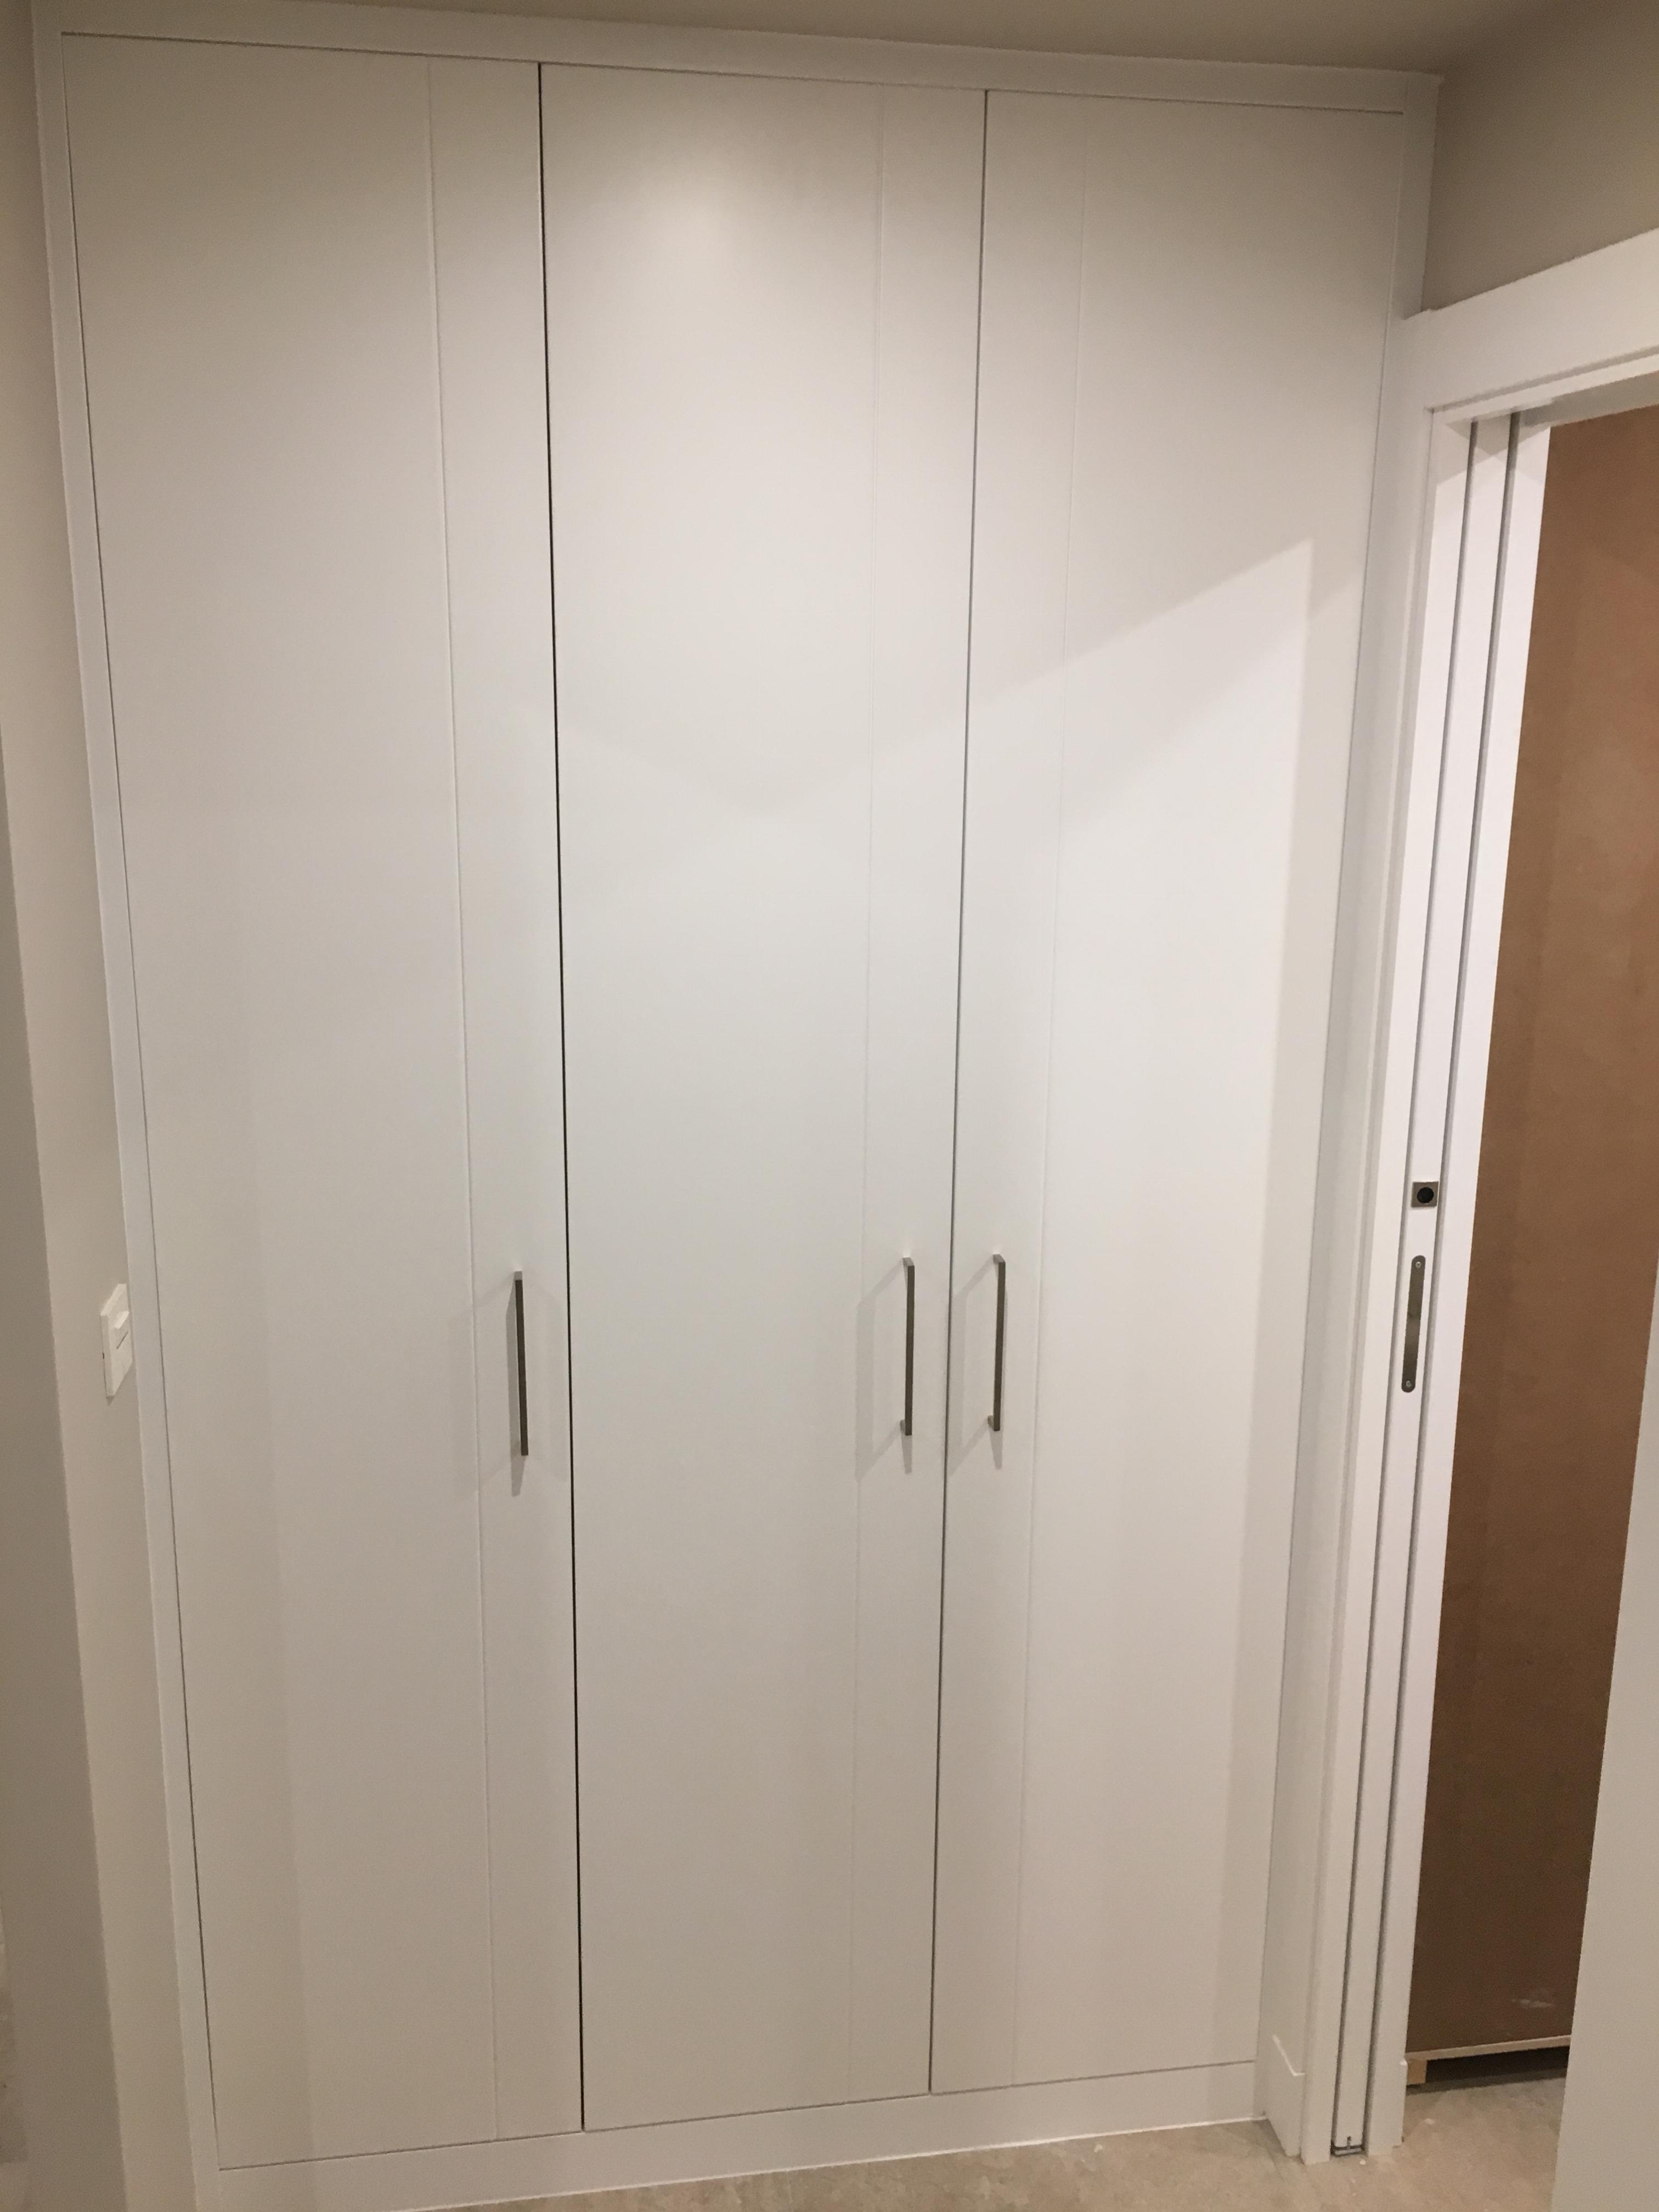 Armarios empotrados puertas great puertas armario with for Puertas armarios empotrados